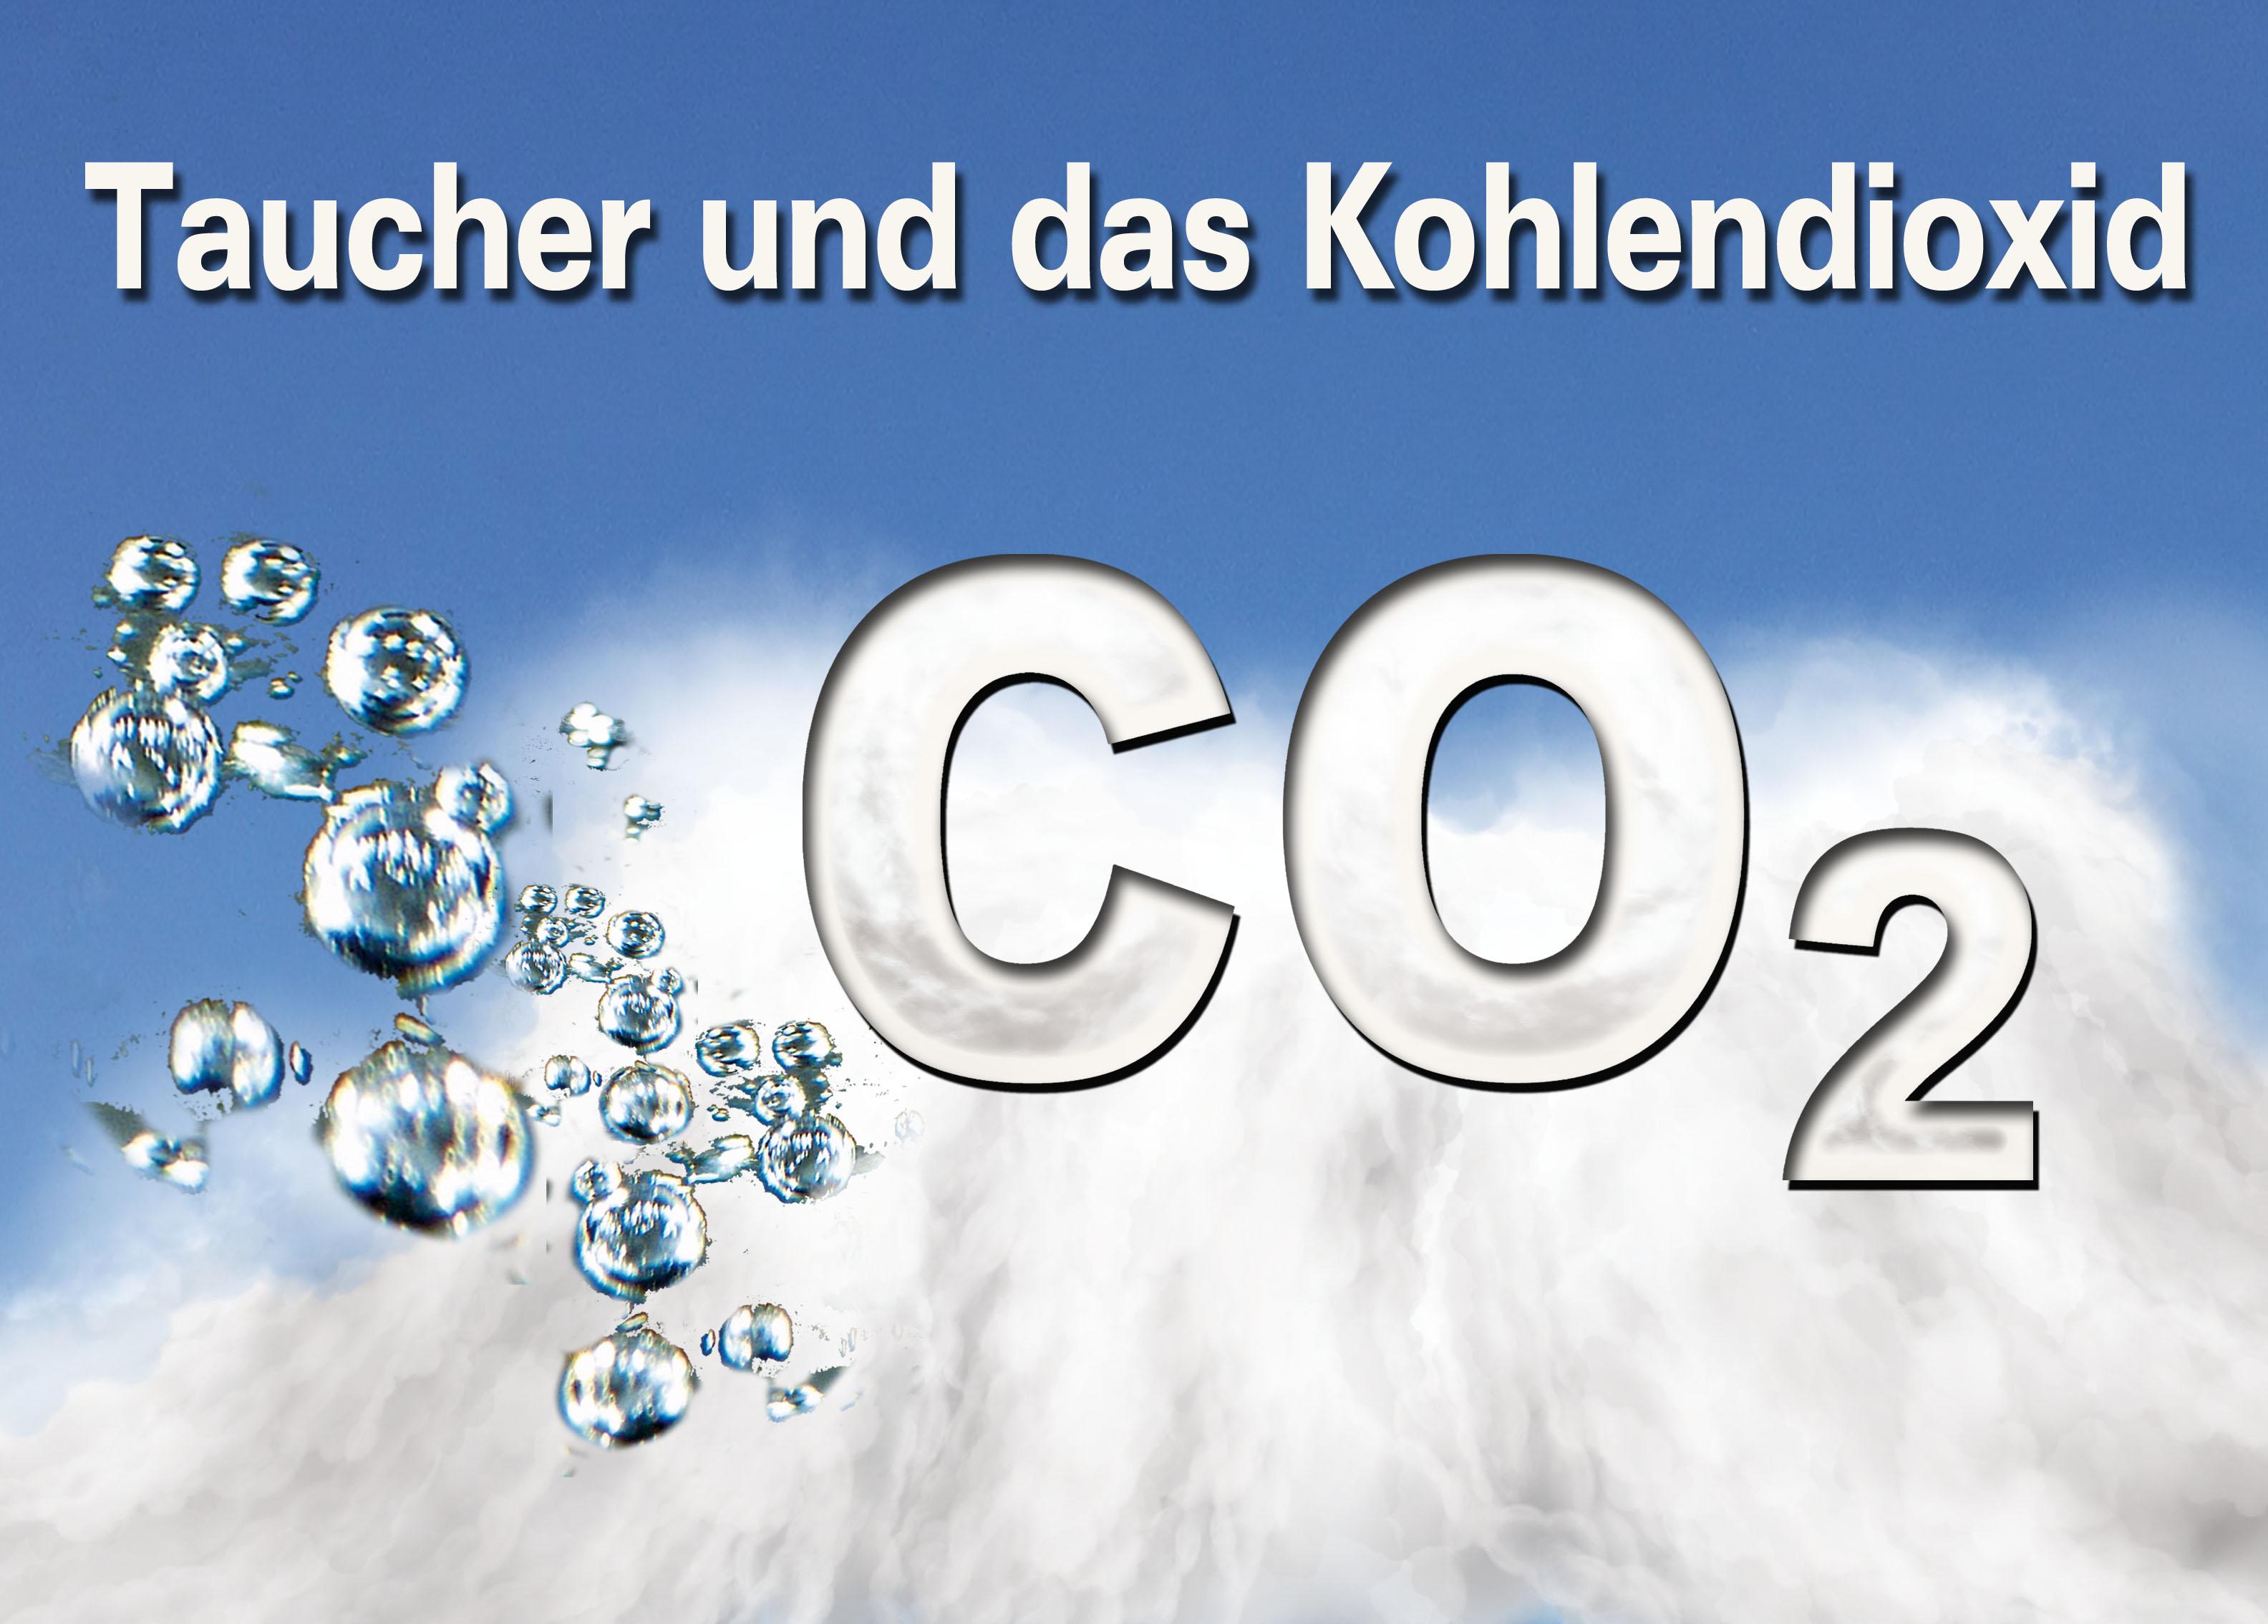 Taucher und das Kohlendioxid CO2